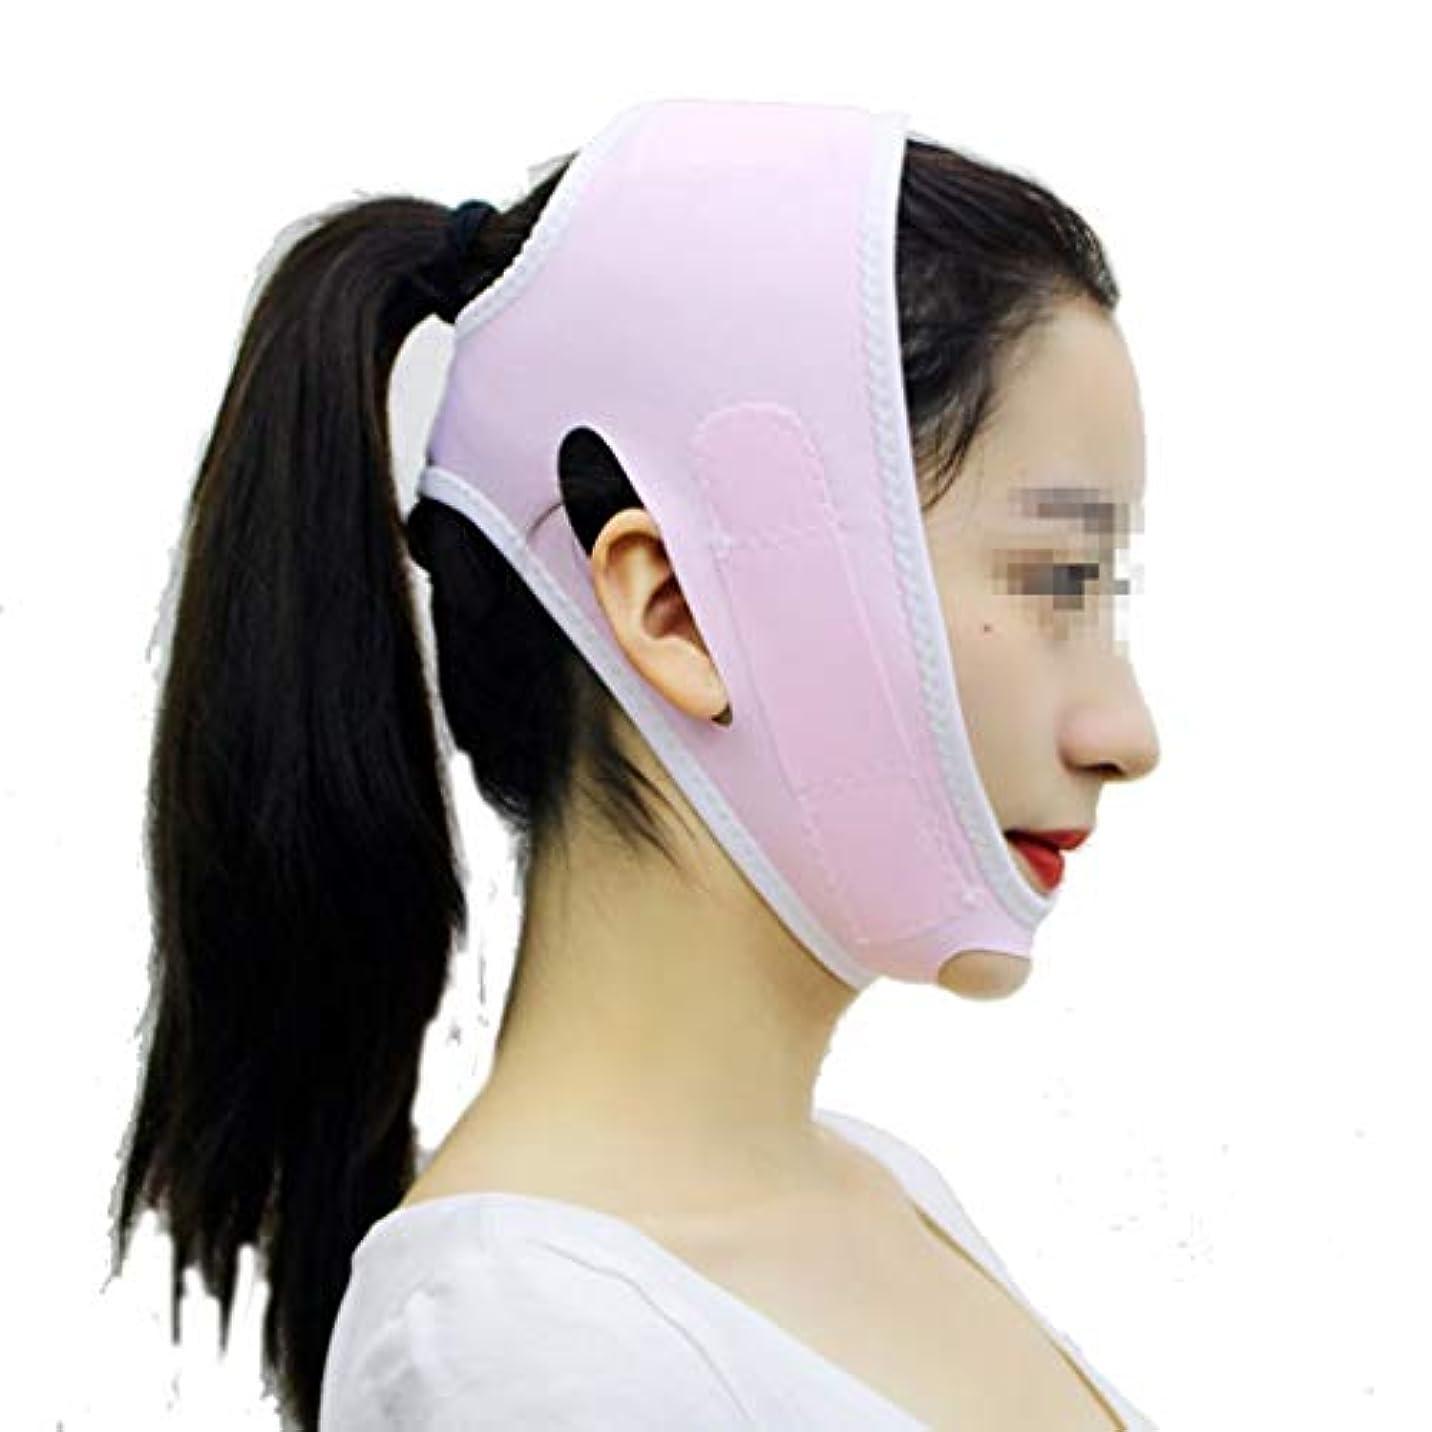 亡命教えドレイン美容包帯、vフェイス睡眠薄いフェイスマスクライン彫刻回復フードリフティング引き締めフェイスダブルチンマスクマルチカラーオプション (Color : Pink)